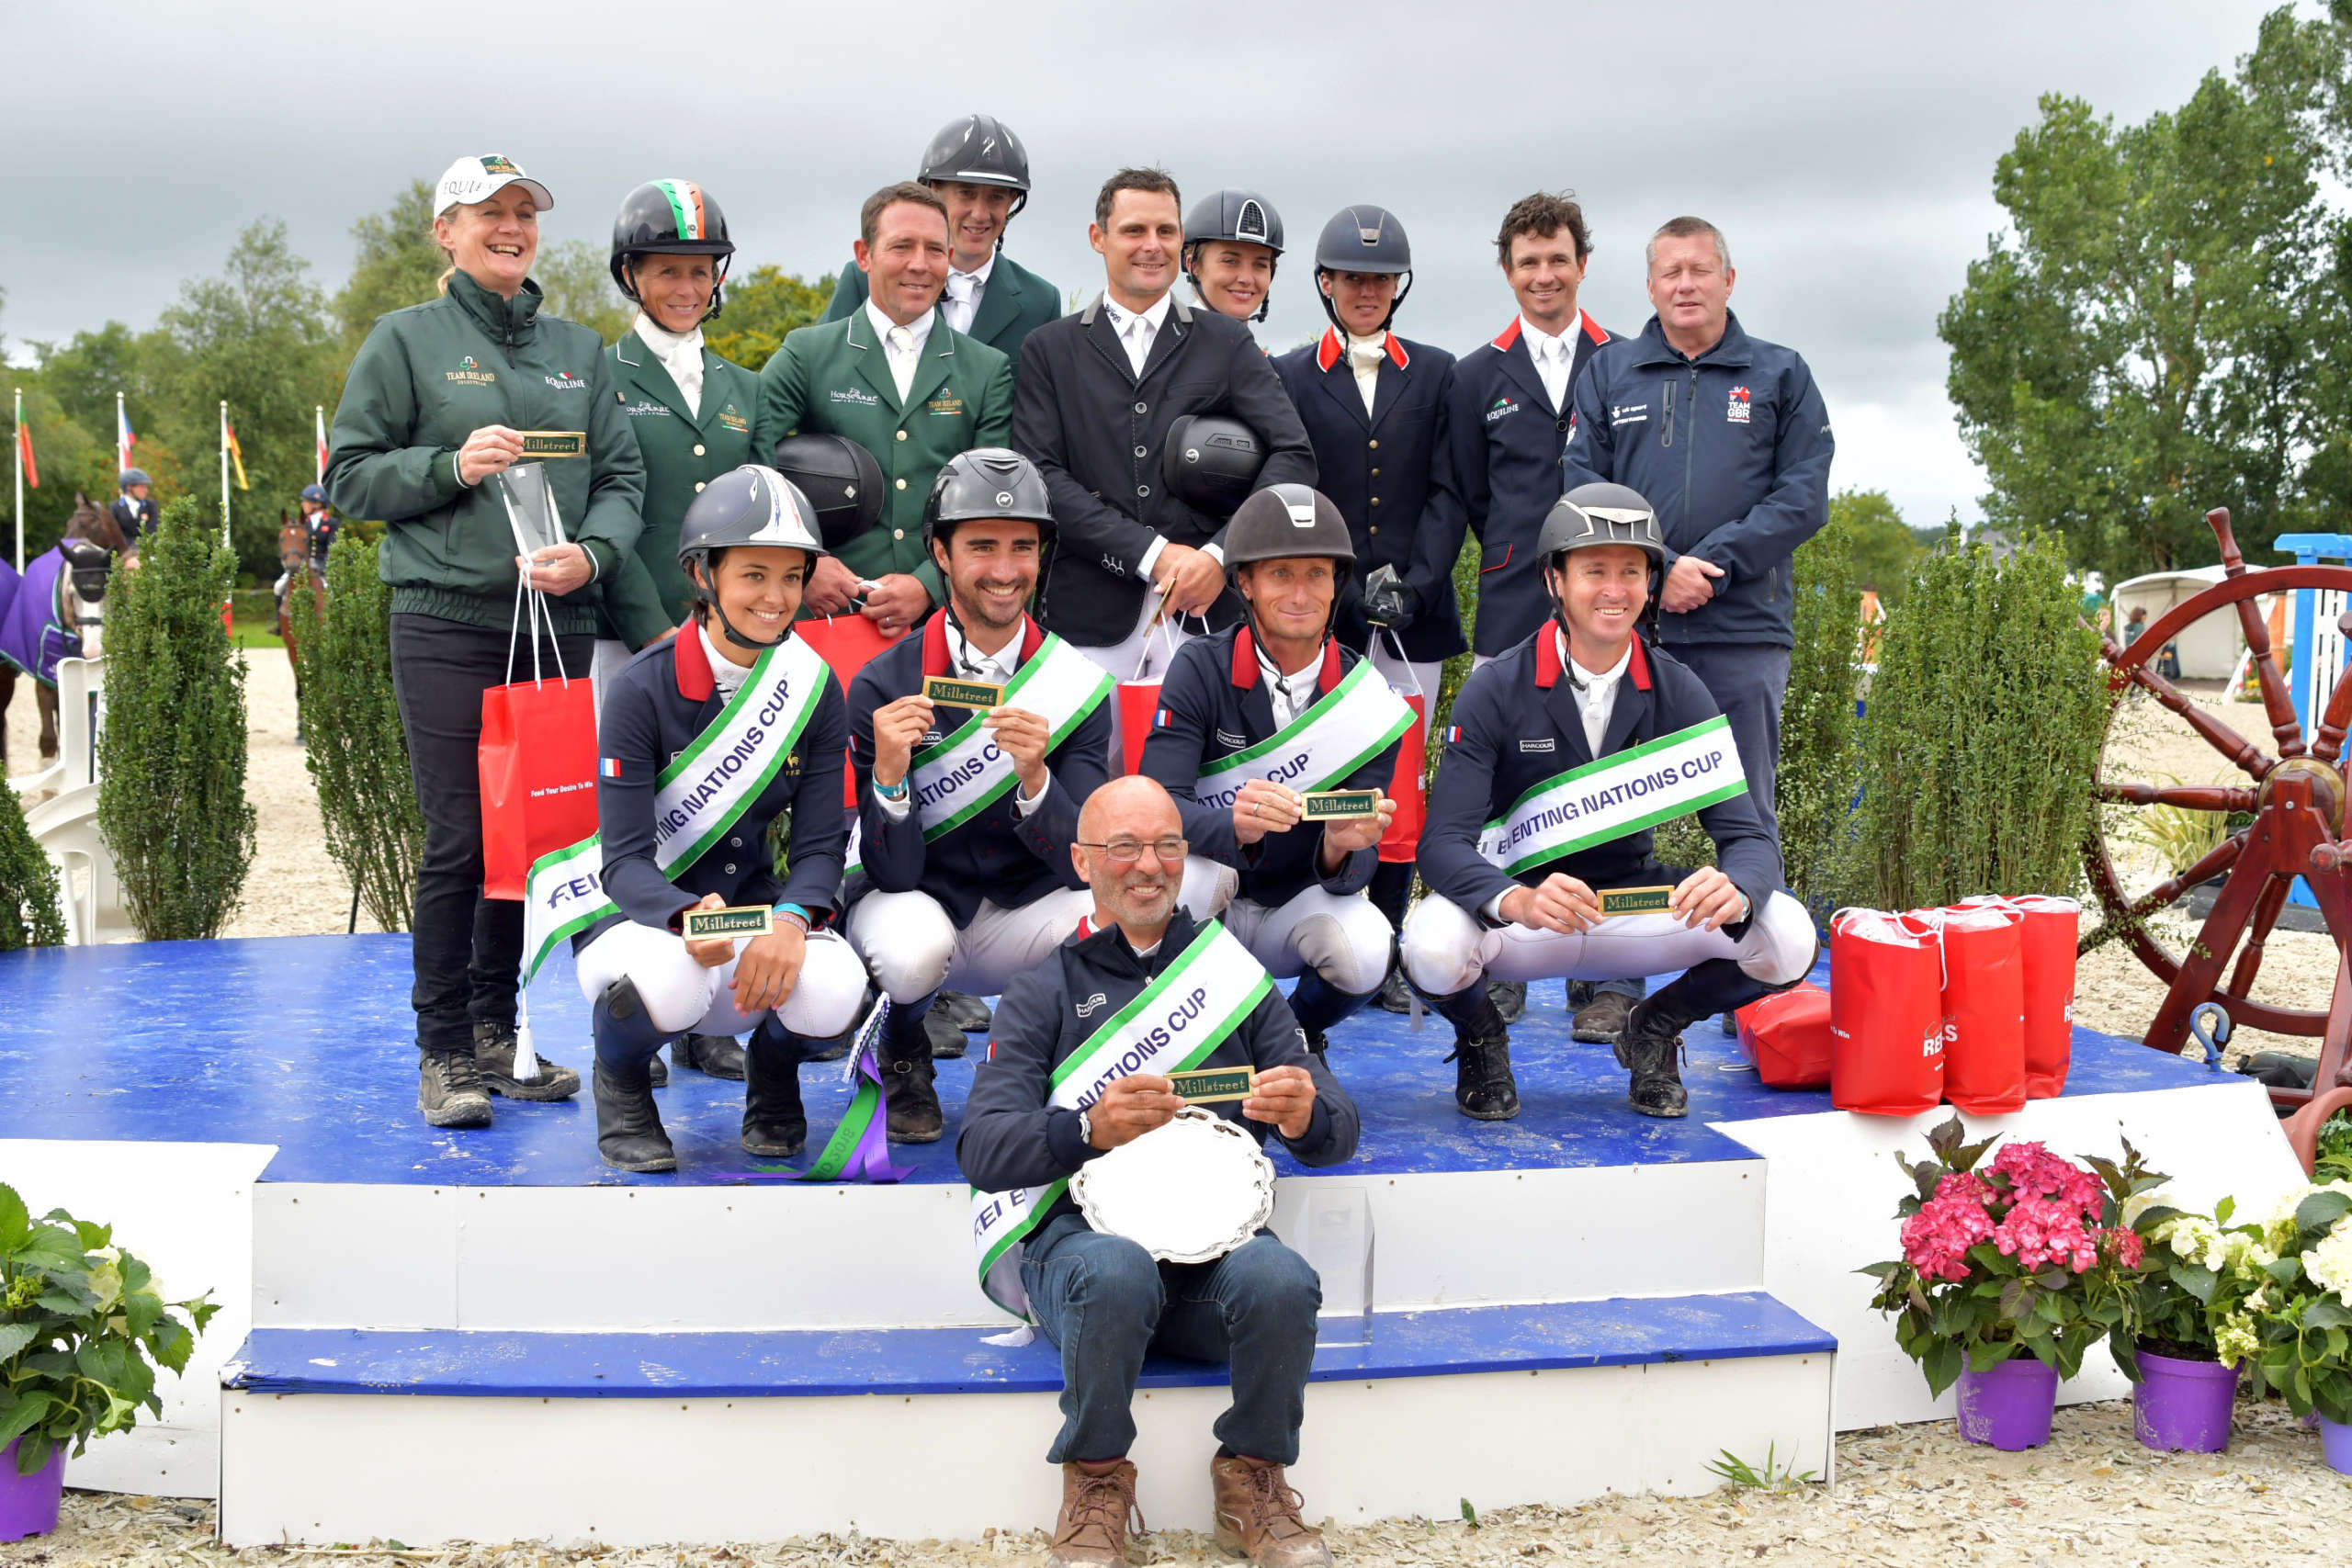 Sunday Round Up – France finish on Top